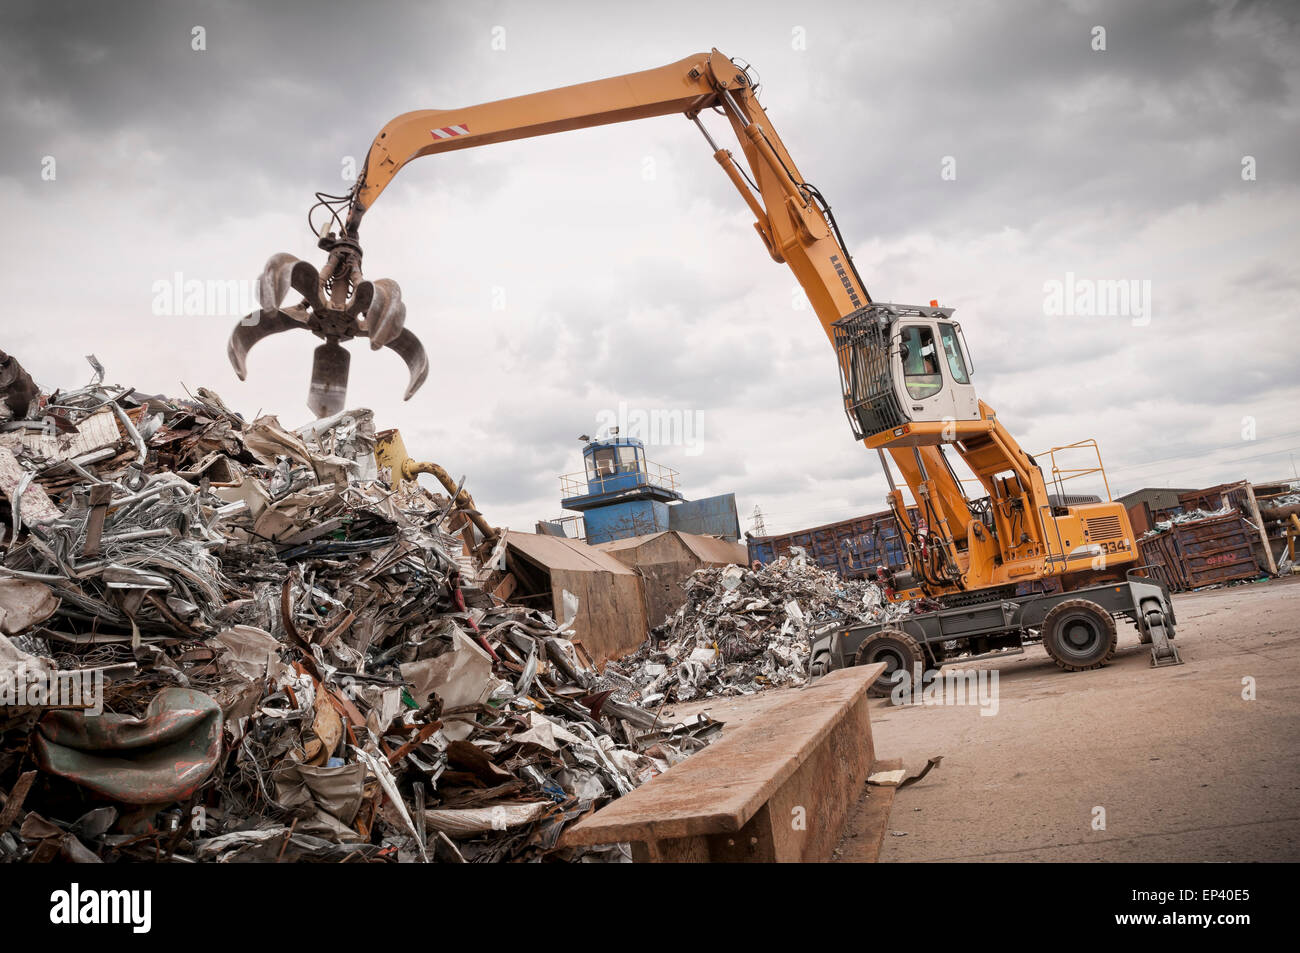 Metallo cantiere di riciclaggio Immagini Stock